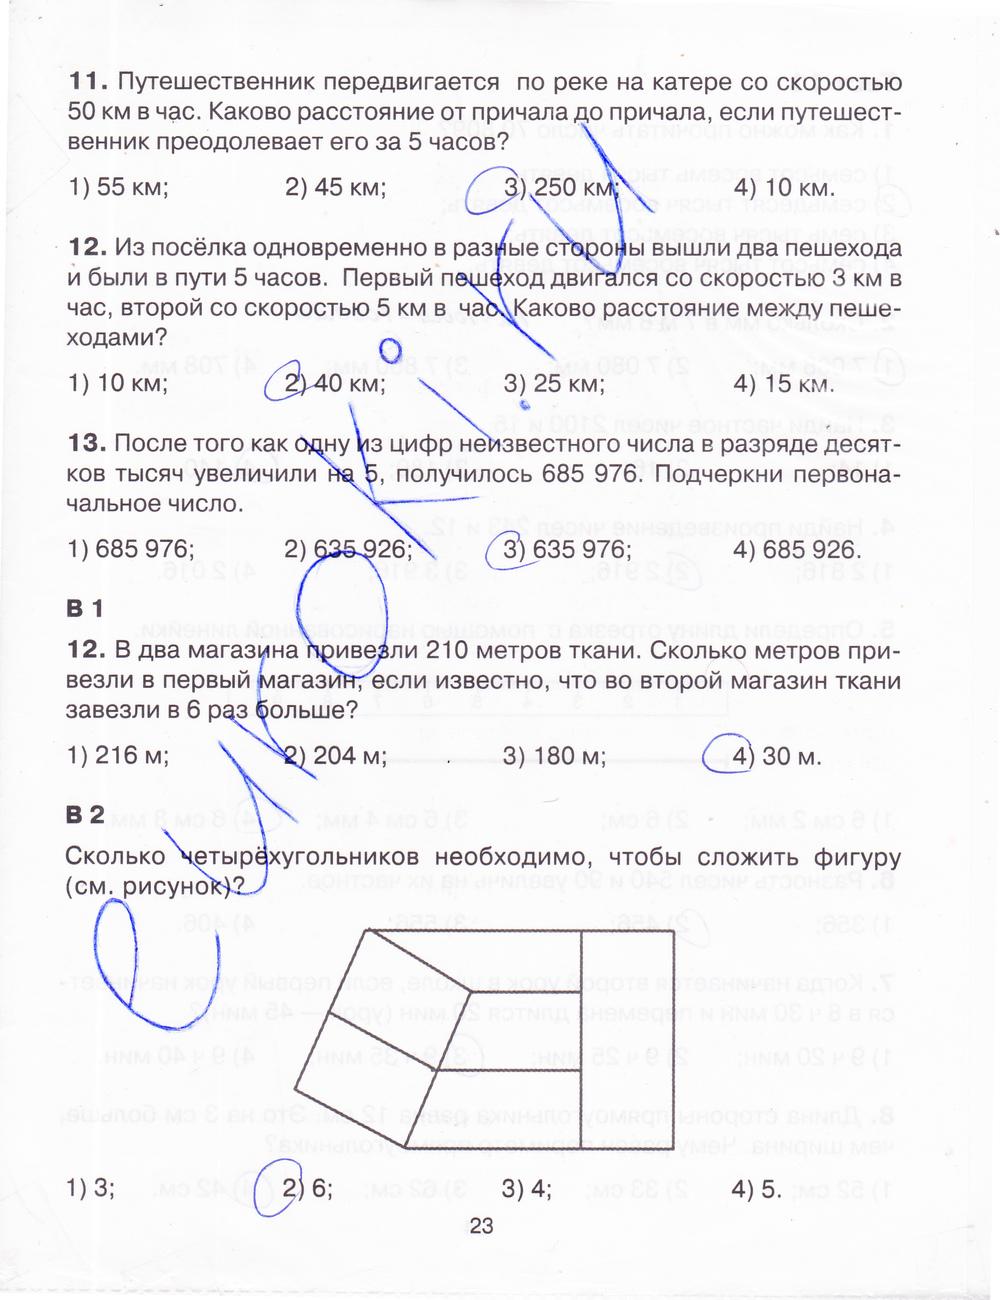 ГДЗ по математике 4 класс Мишакина. Задание: стр. 23